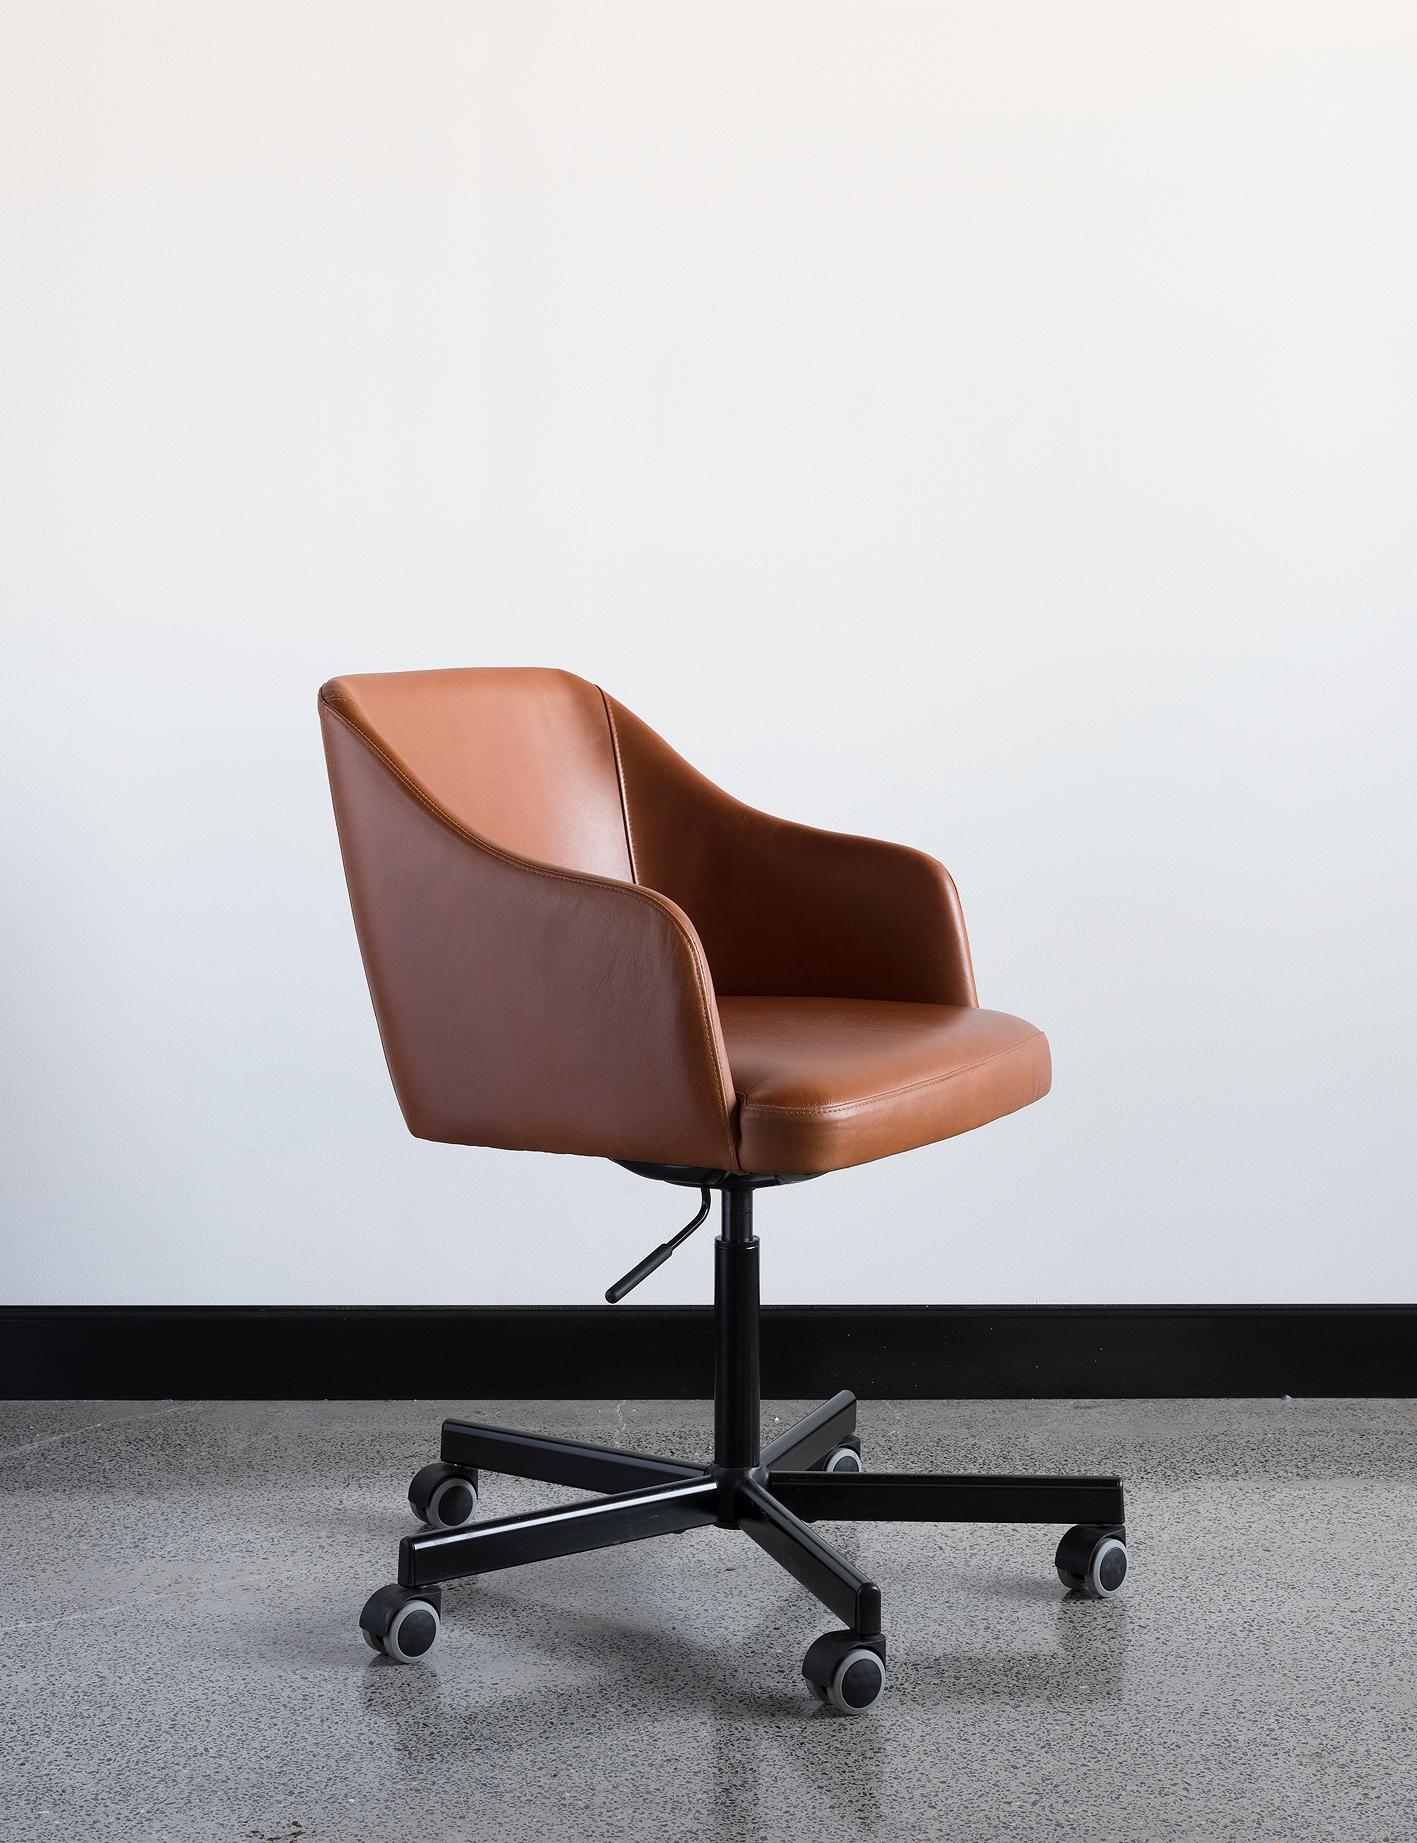 Cuir chair – Custom designed / created office chair